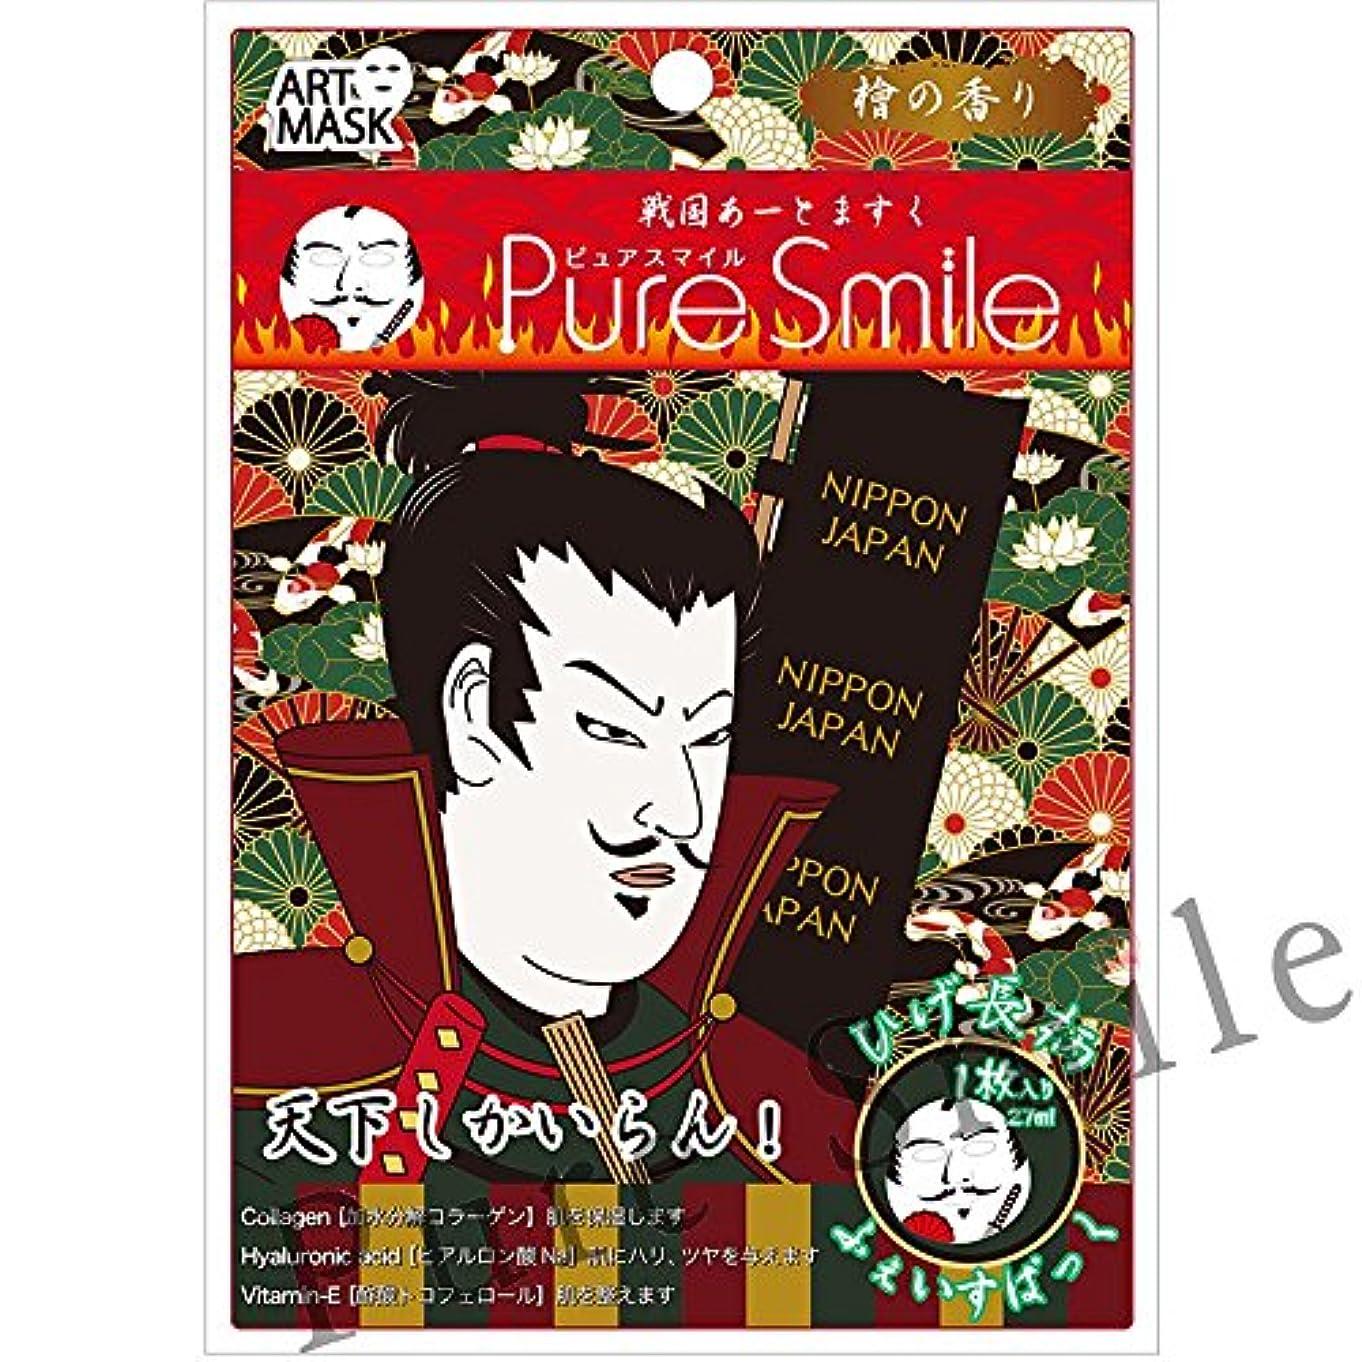 原油無秩序腐敗したPure Smile(ピュアスマイル) フェイスマスク/アートマスク『戦国アートマスク』(ひげ長/檜の香り)